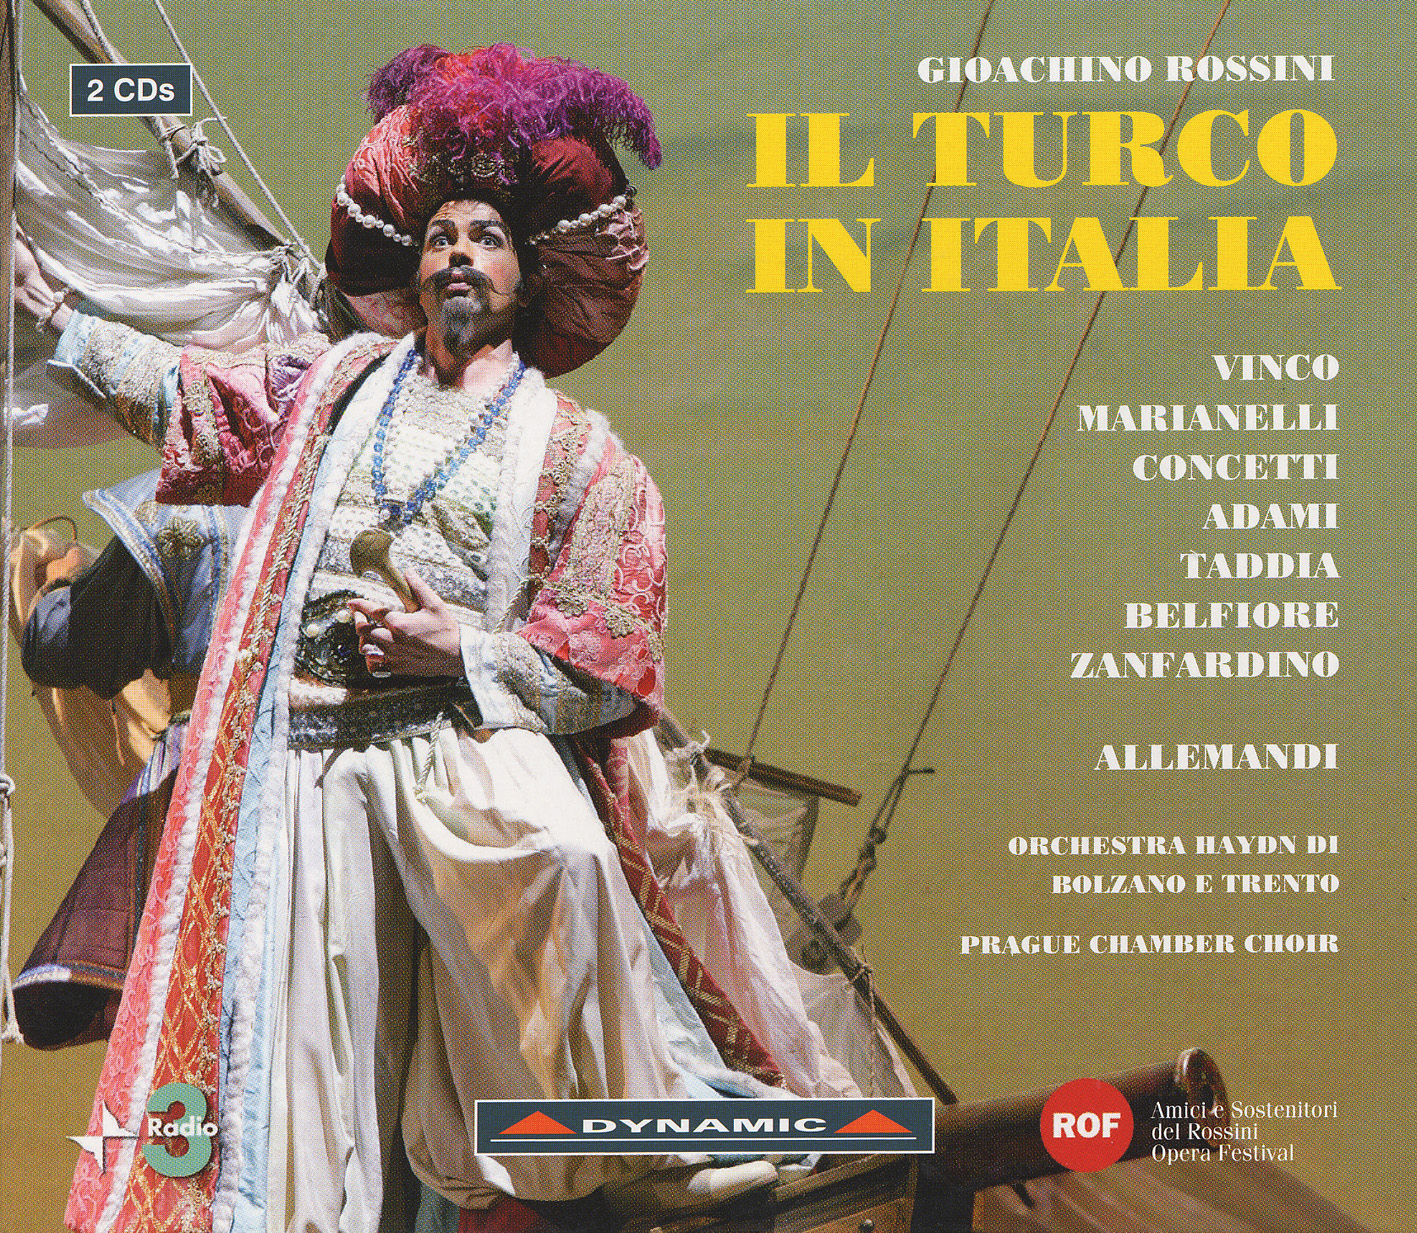 Rossini: Turco in Italia (Il)